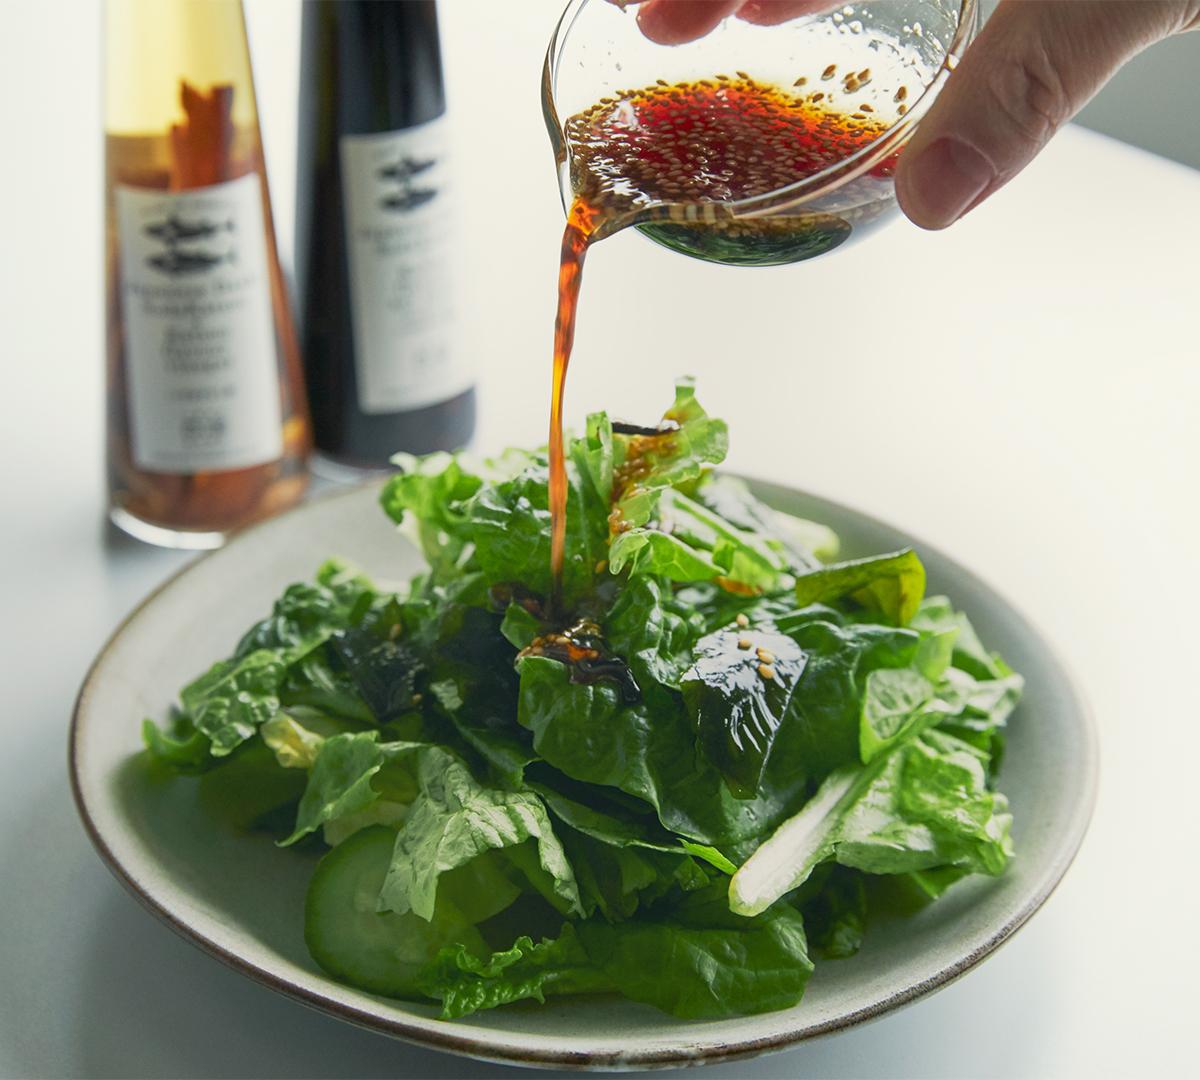 うまみが凝縮!いつもの調味料が宗田節で輝きだす、つぎ足して使える「だし醤油&だし酢(化粧箱入り)」|SHIMANTO DOMEKI COMPANY